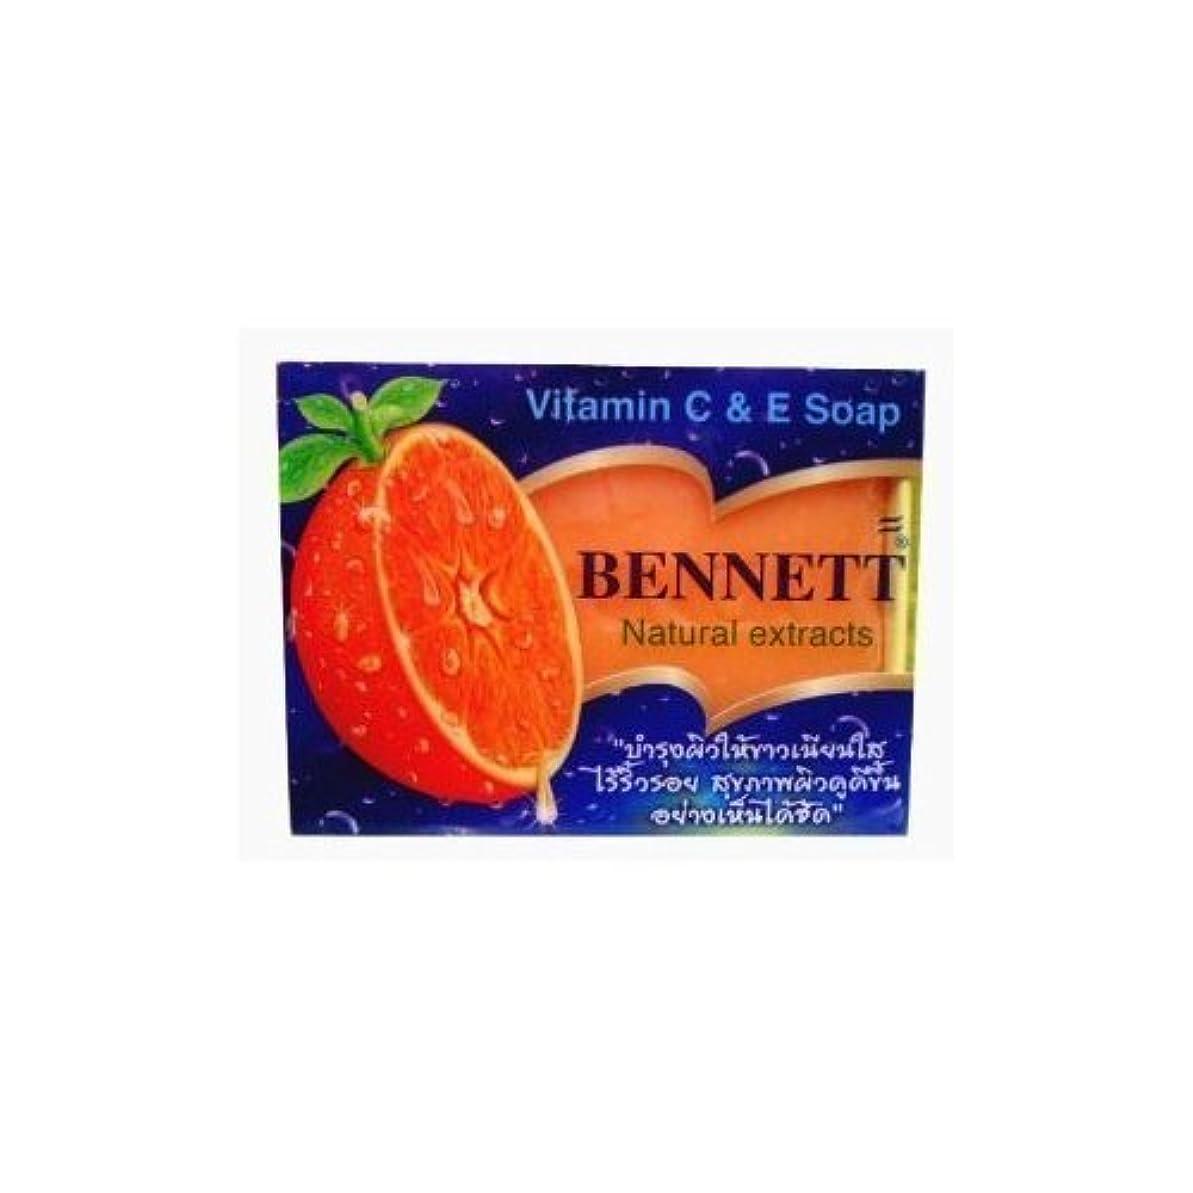 断線餌耐えられるHigh Vitamin Fruit Extract Body and Face Bar Spa Soap 4.59 0z, Enriched Vitamin C & E Skin Smooth & Anti Acne...